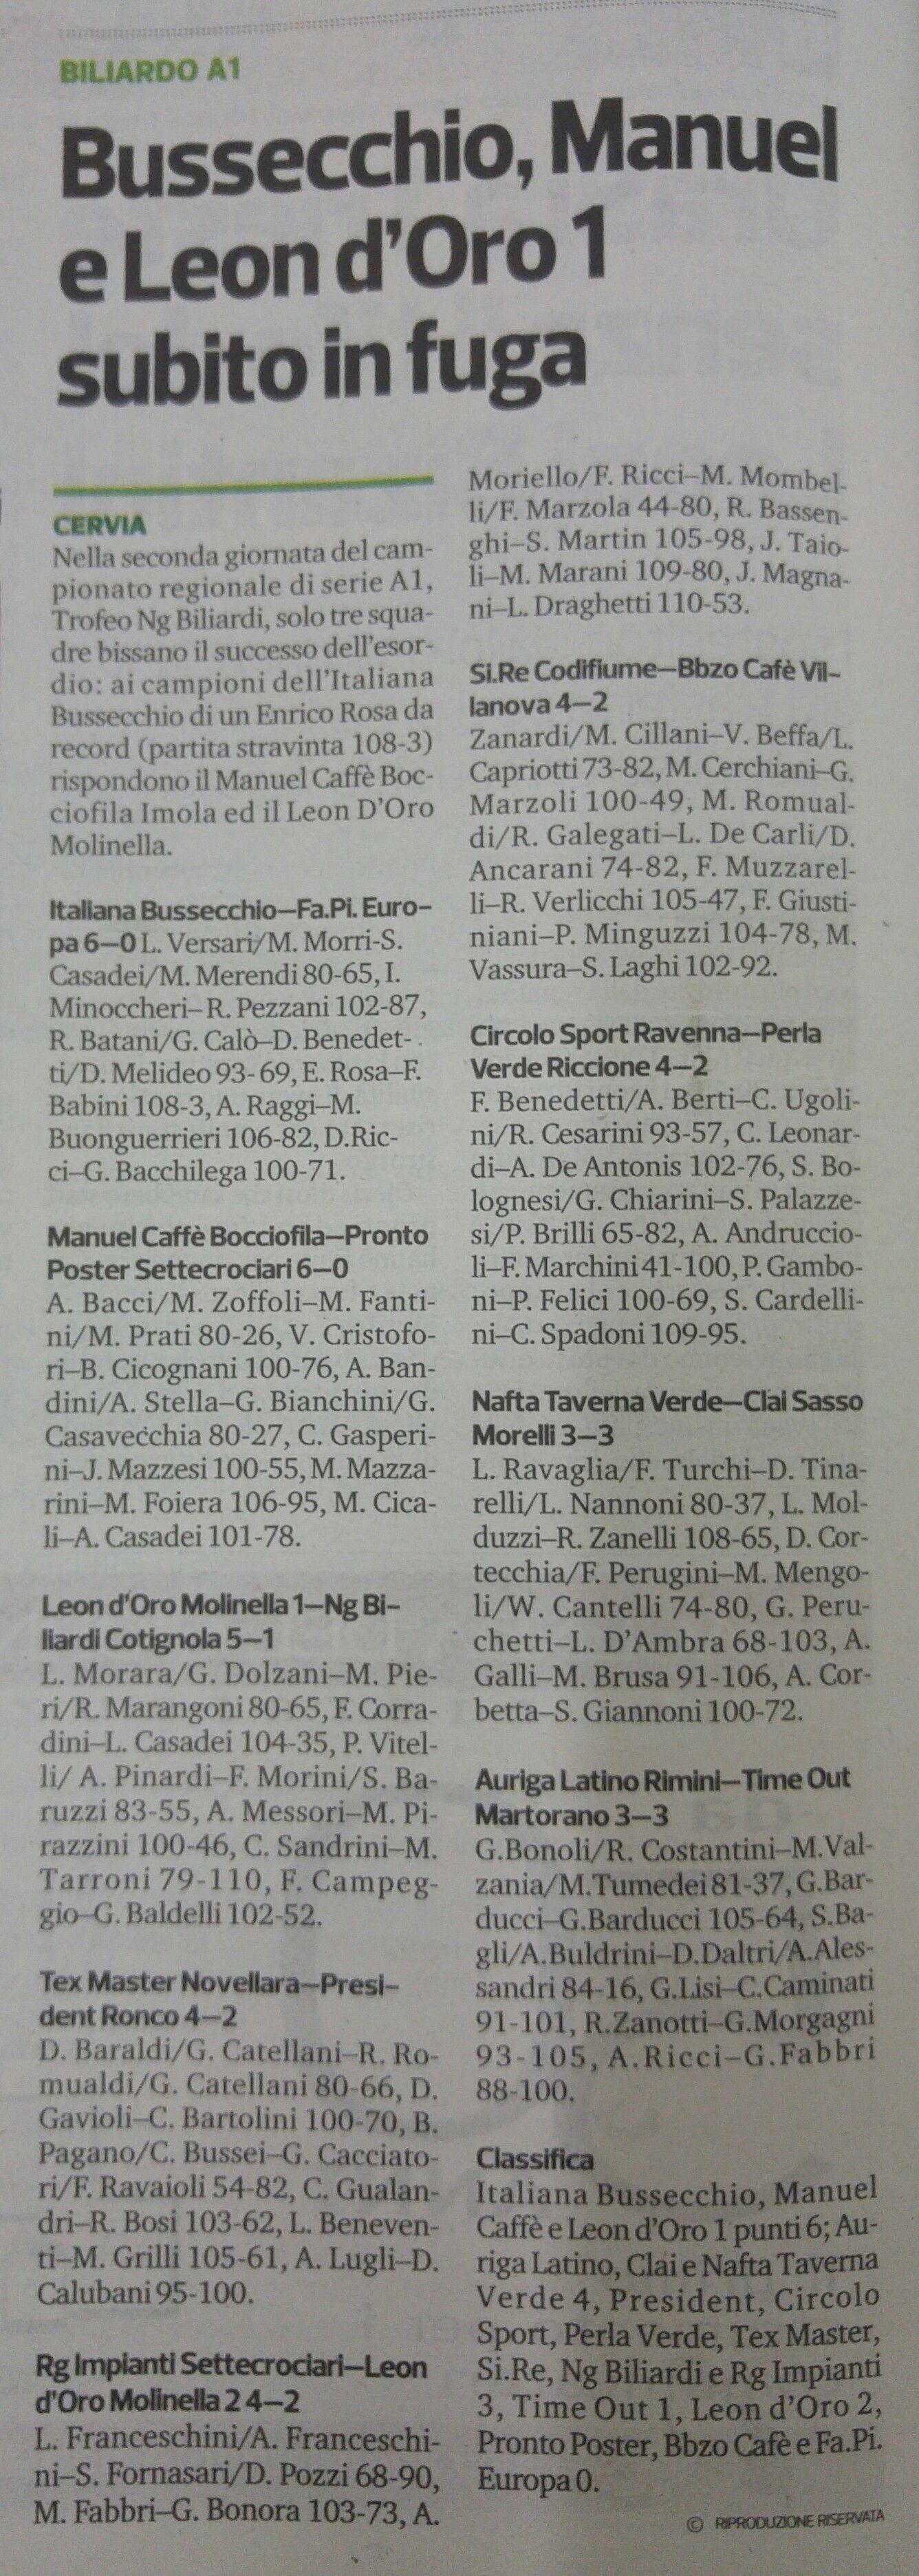 corriere 20 settembre 2017